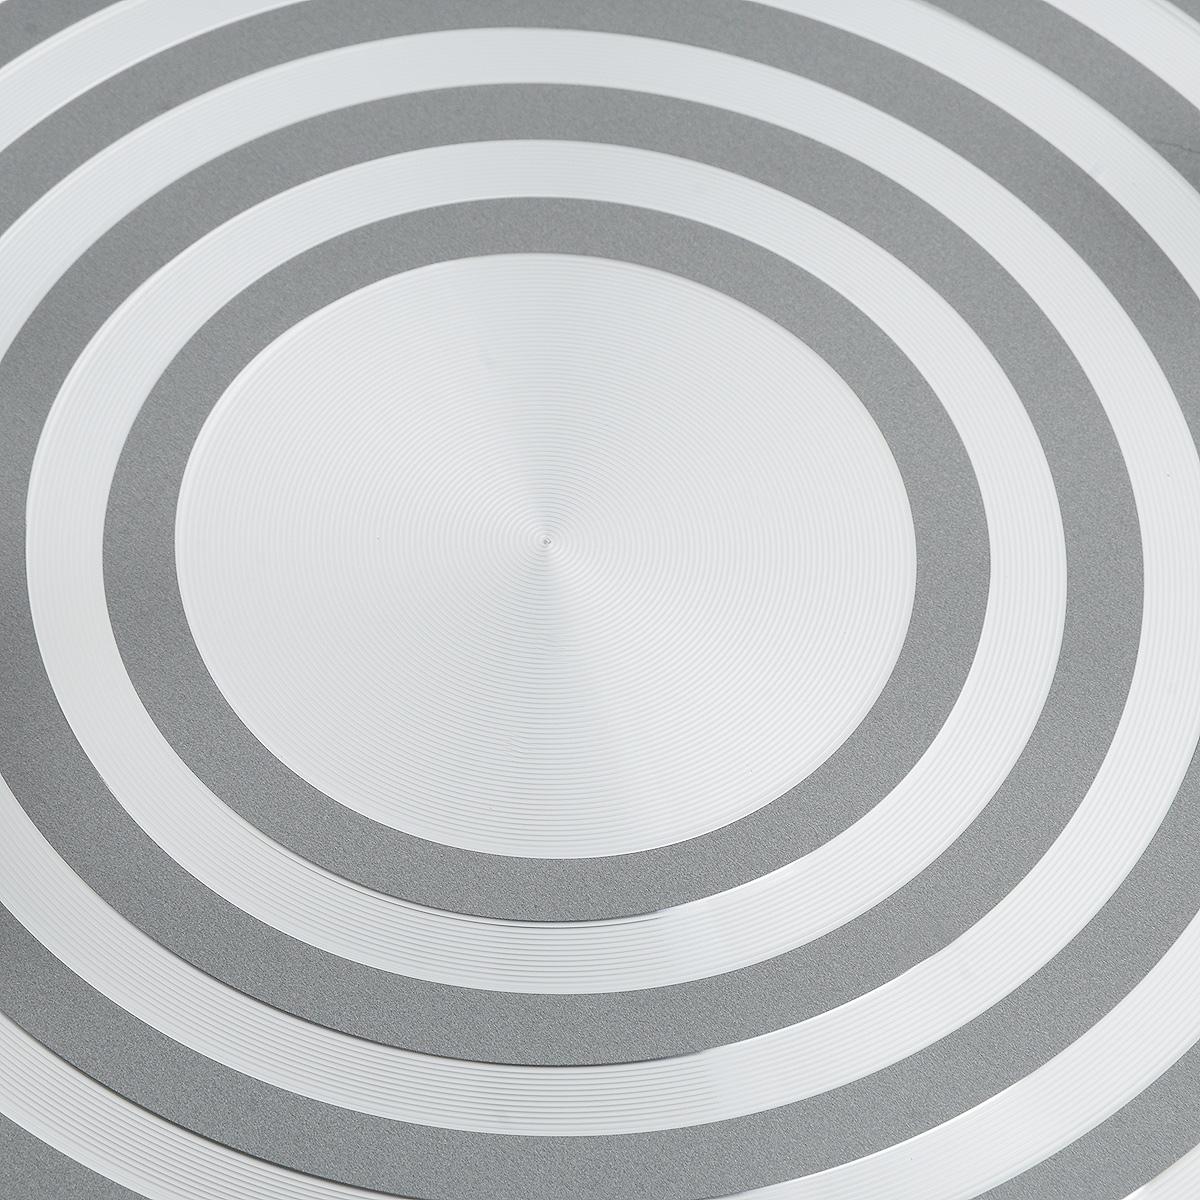 """Жаровня Jarko """"Forever"""" с крышкой, с антипригарным покрытием, цвет: серый. Диаметр 28 см"""